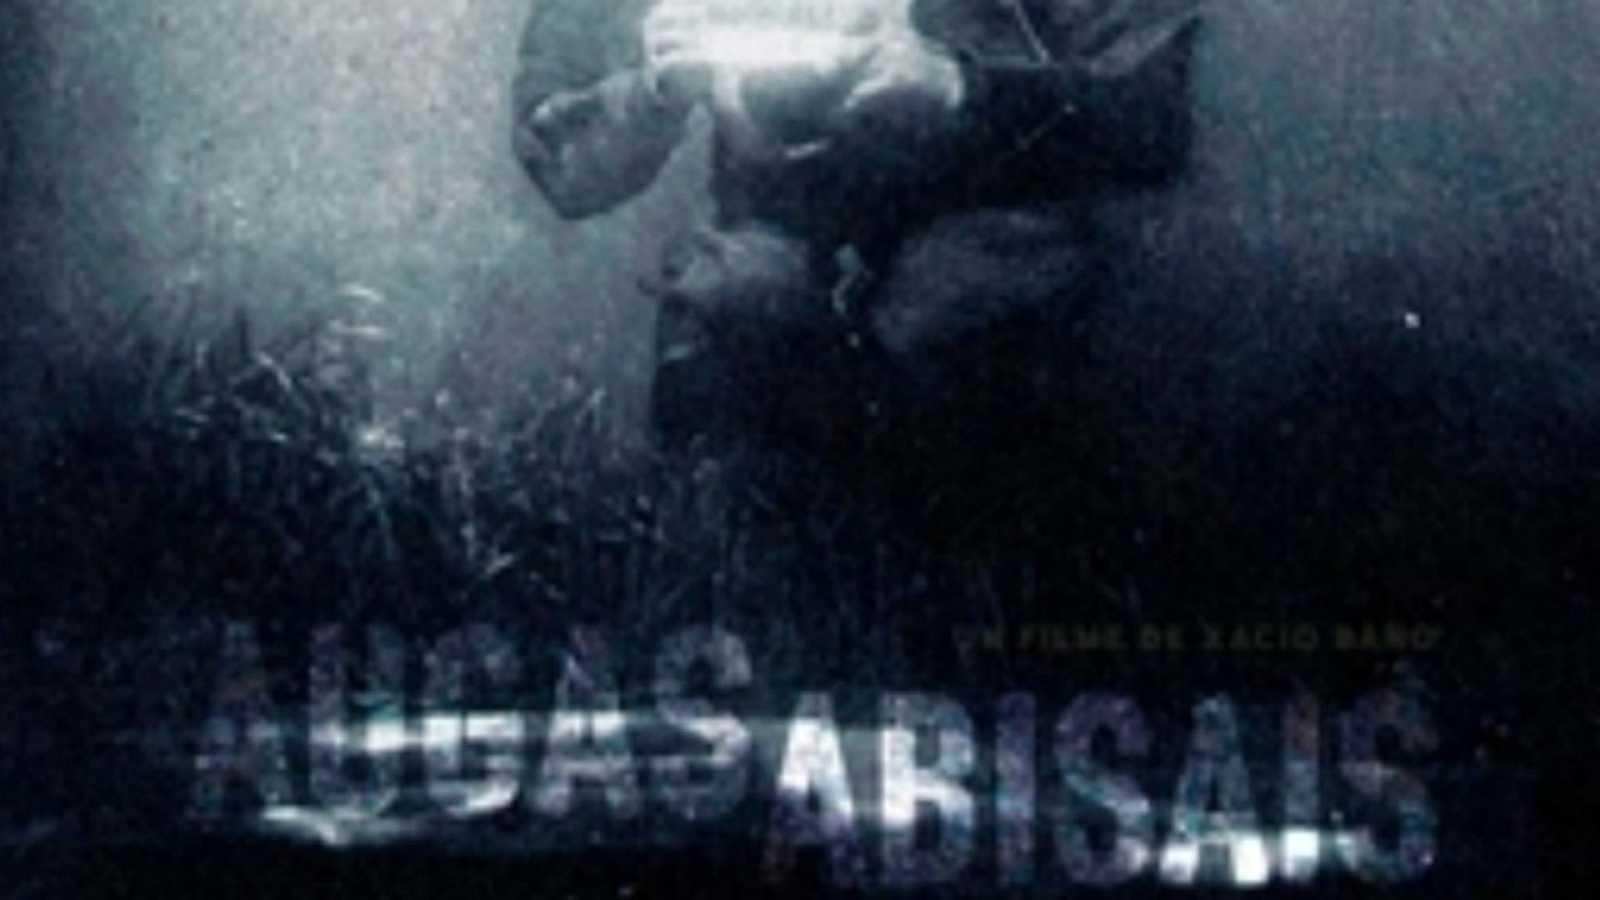 El cine que viene - Márgenes X/Aguilar de Campoo/Augas Abisais - 04/12/20 - escuchar ahora